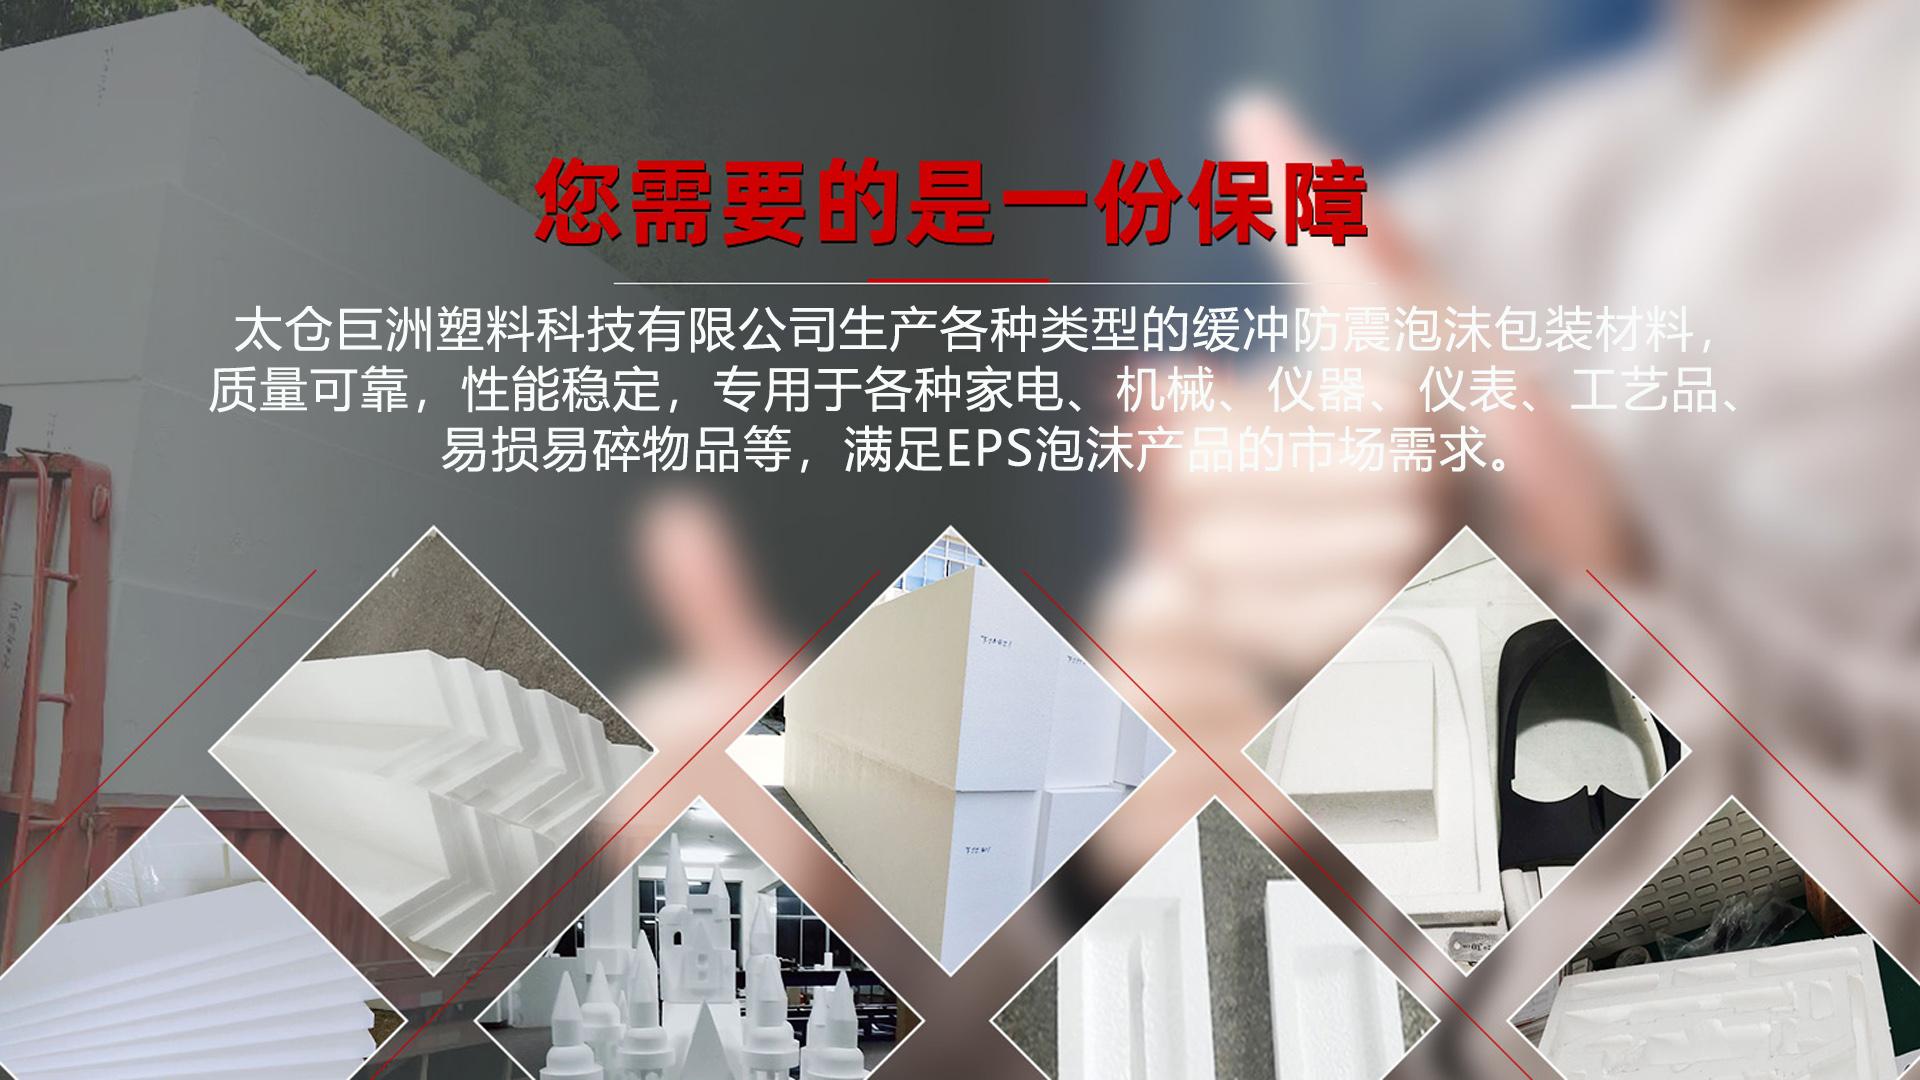 太仓巨洲塑料科技有限公司